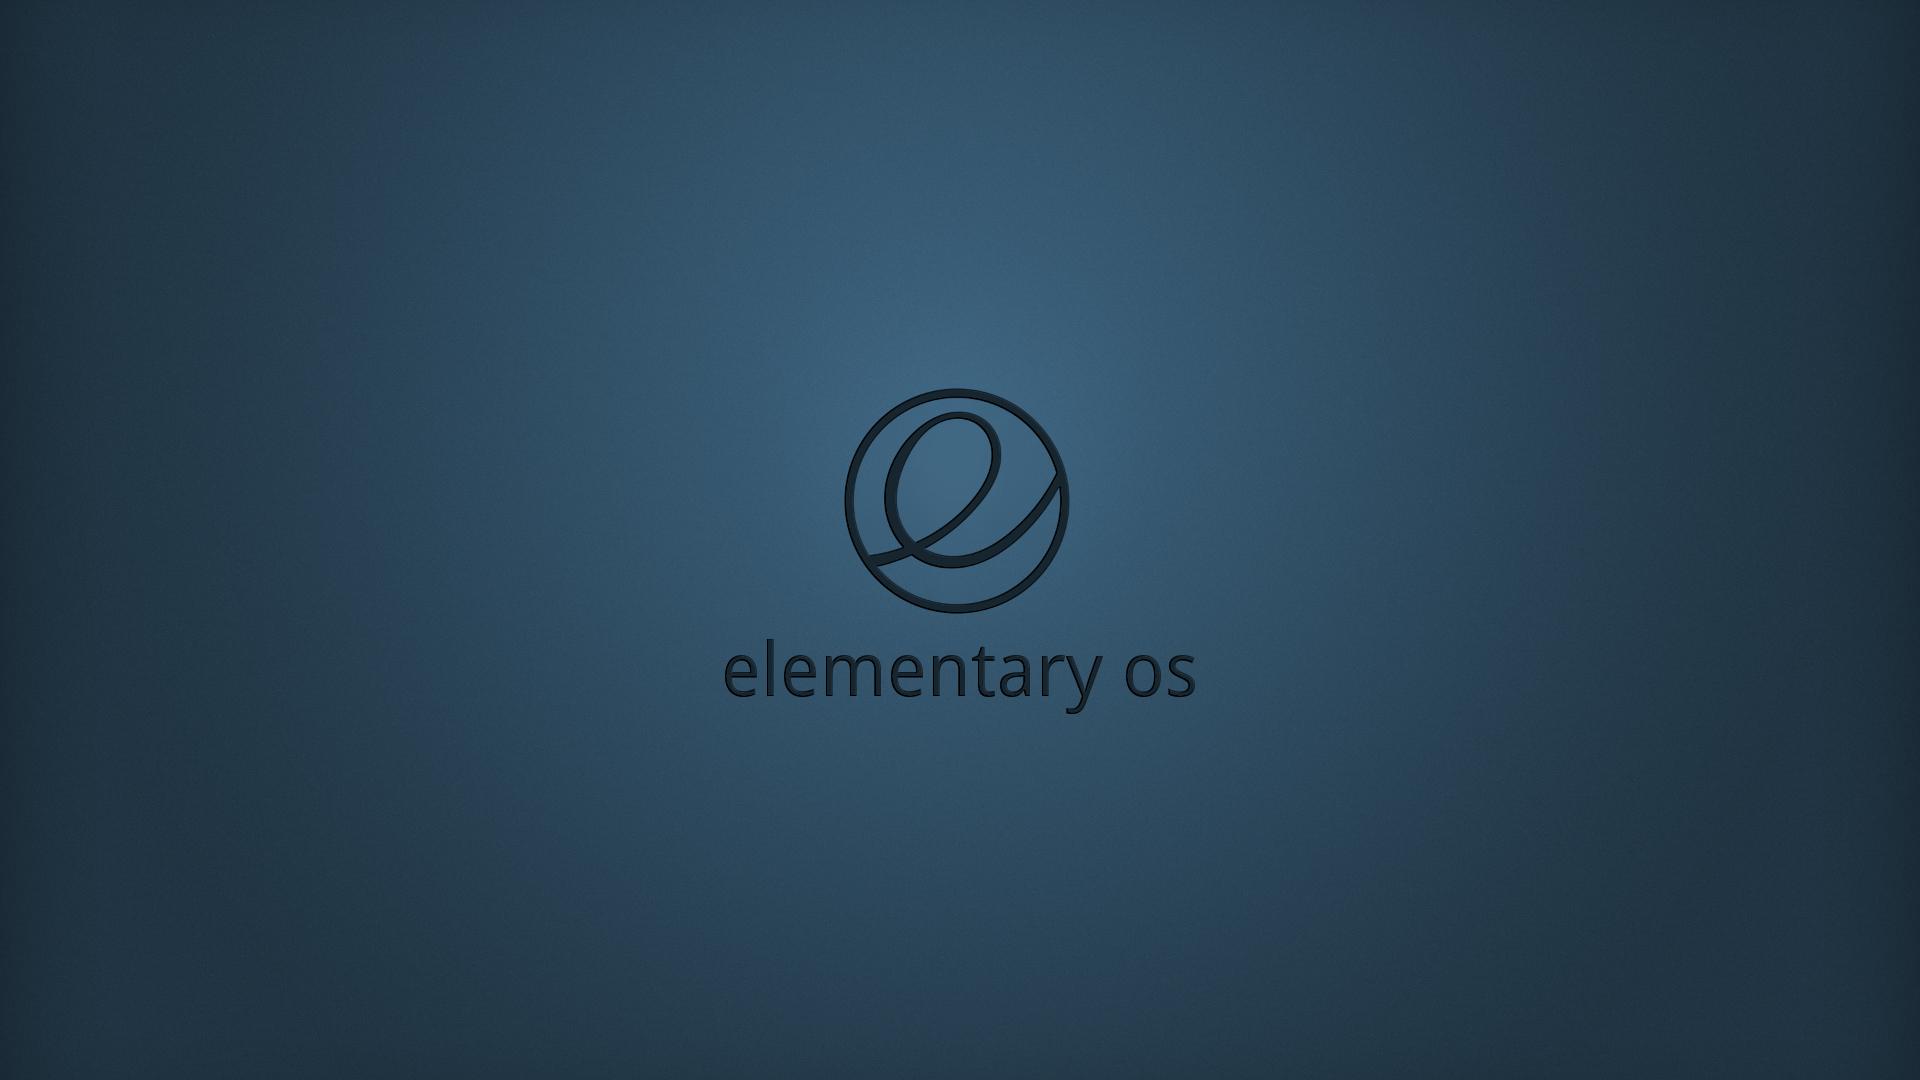 මොකද්ද මේ Elementary OS ??